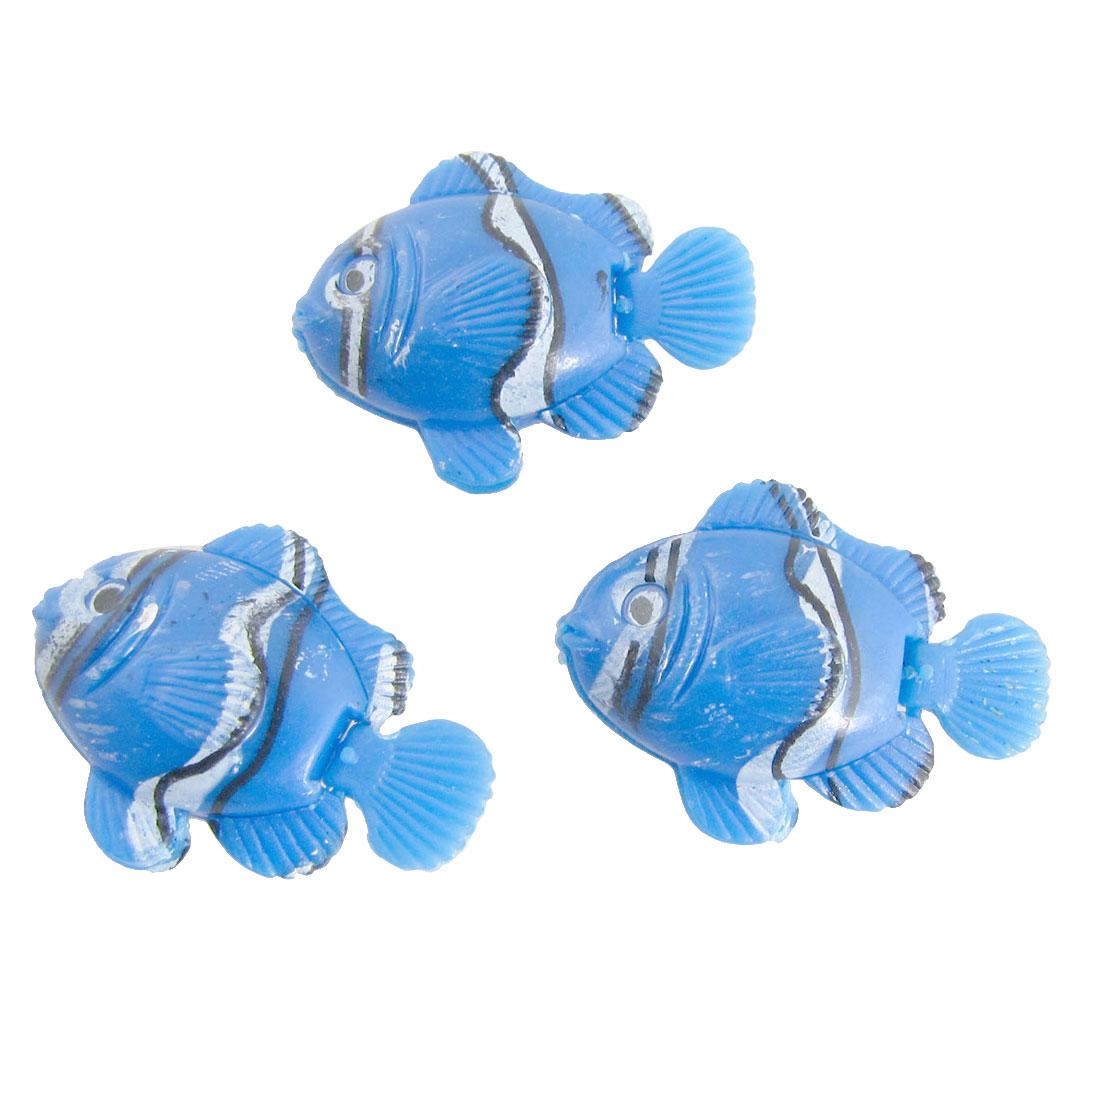 3 Pcs Aquarium Aquascape Blue Decorative Plastic Mini Fish